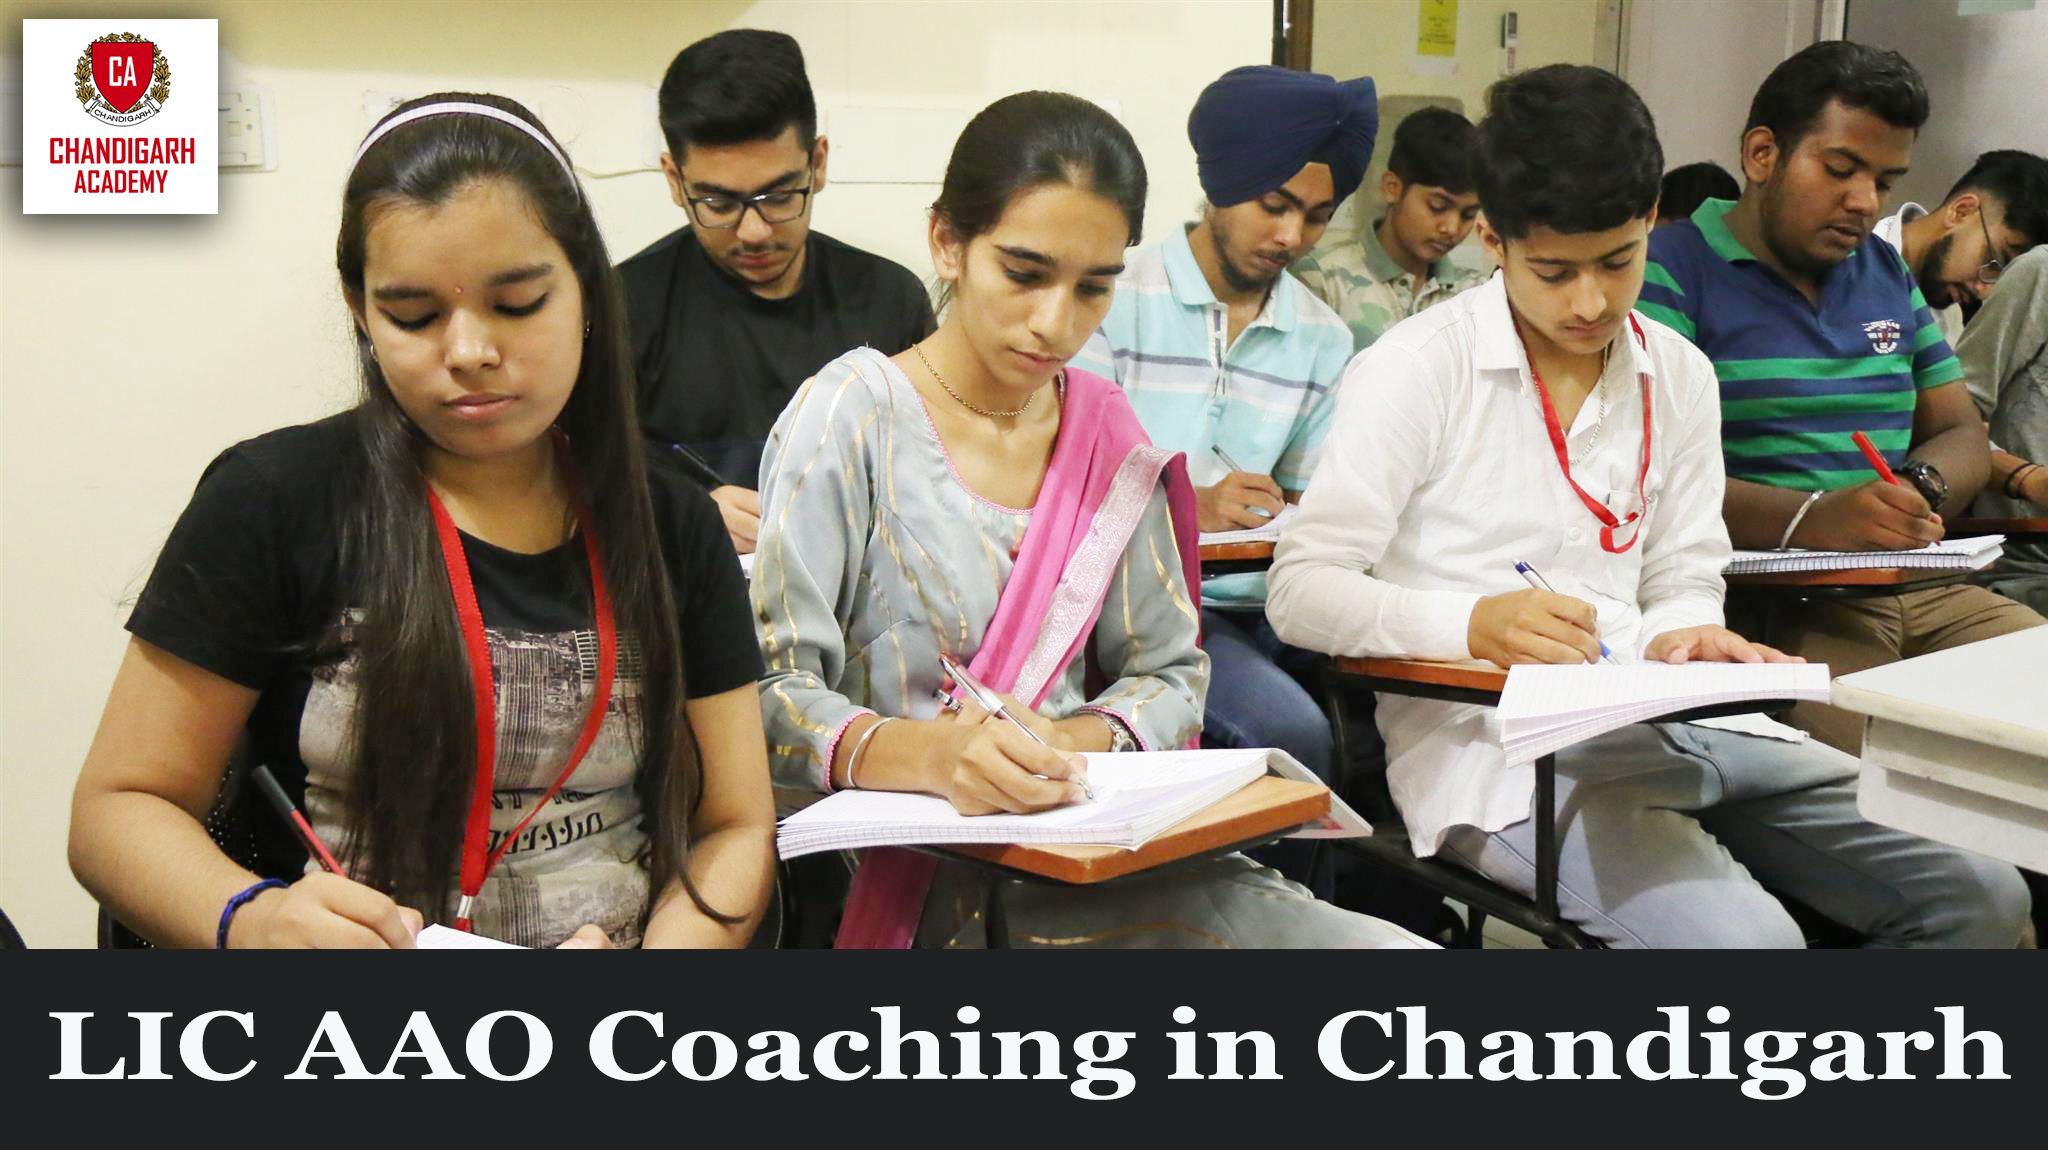 LIC AAO Coaching in Chandigarh